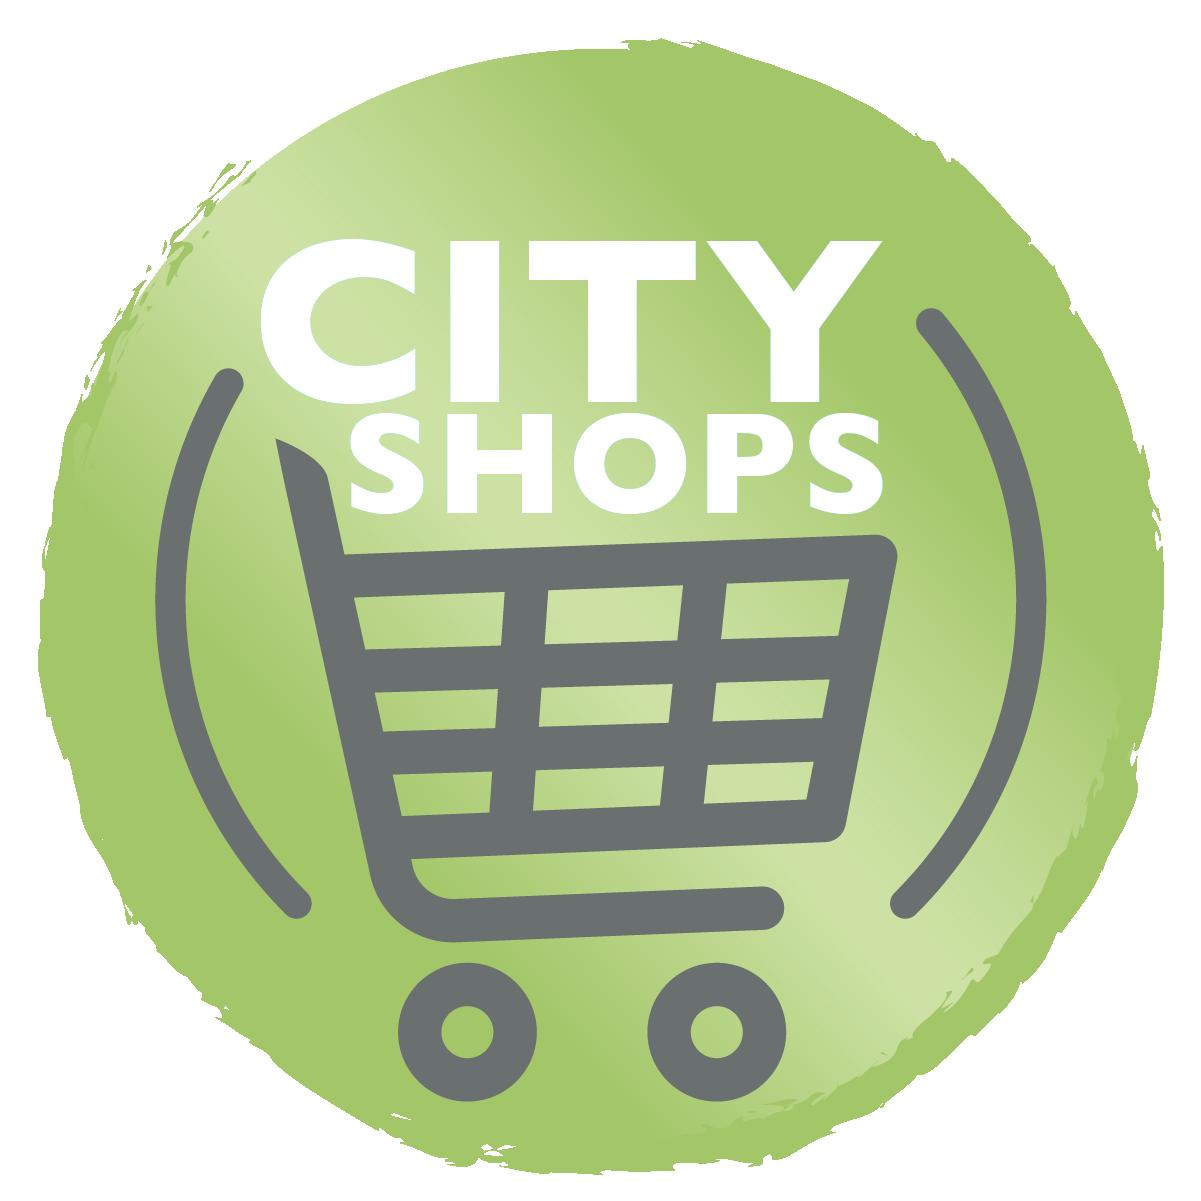 للتسويق الالكتروني - متاجر المدينة